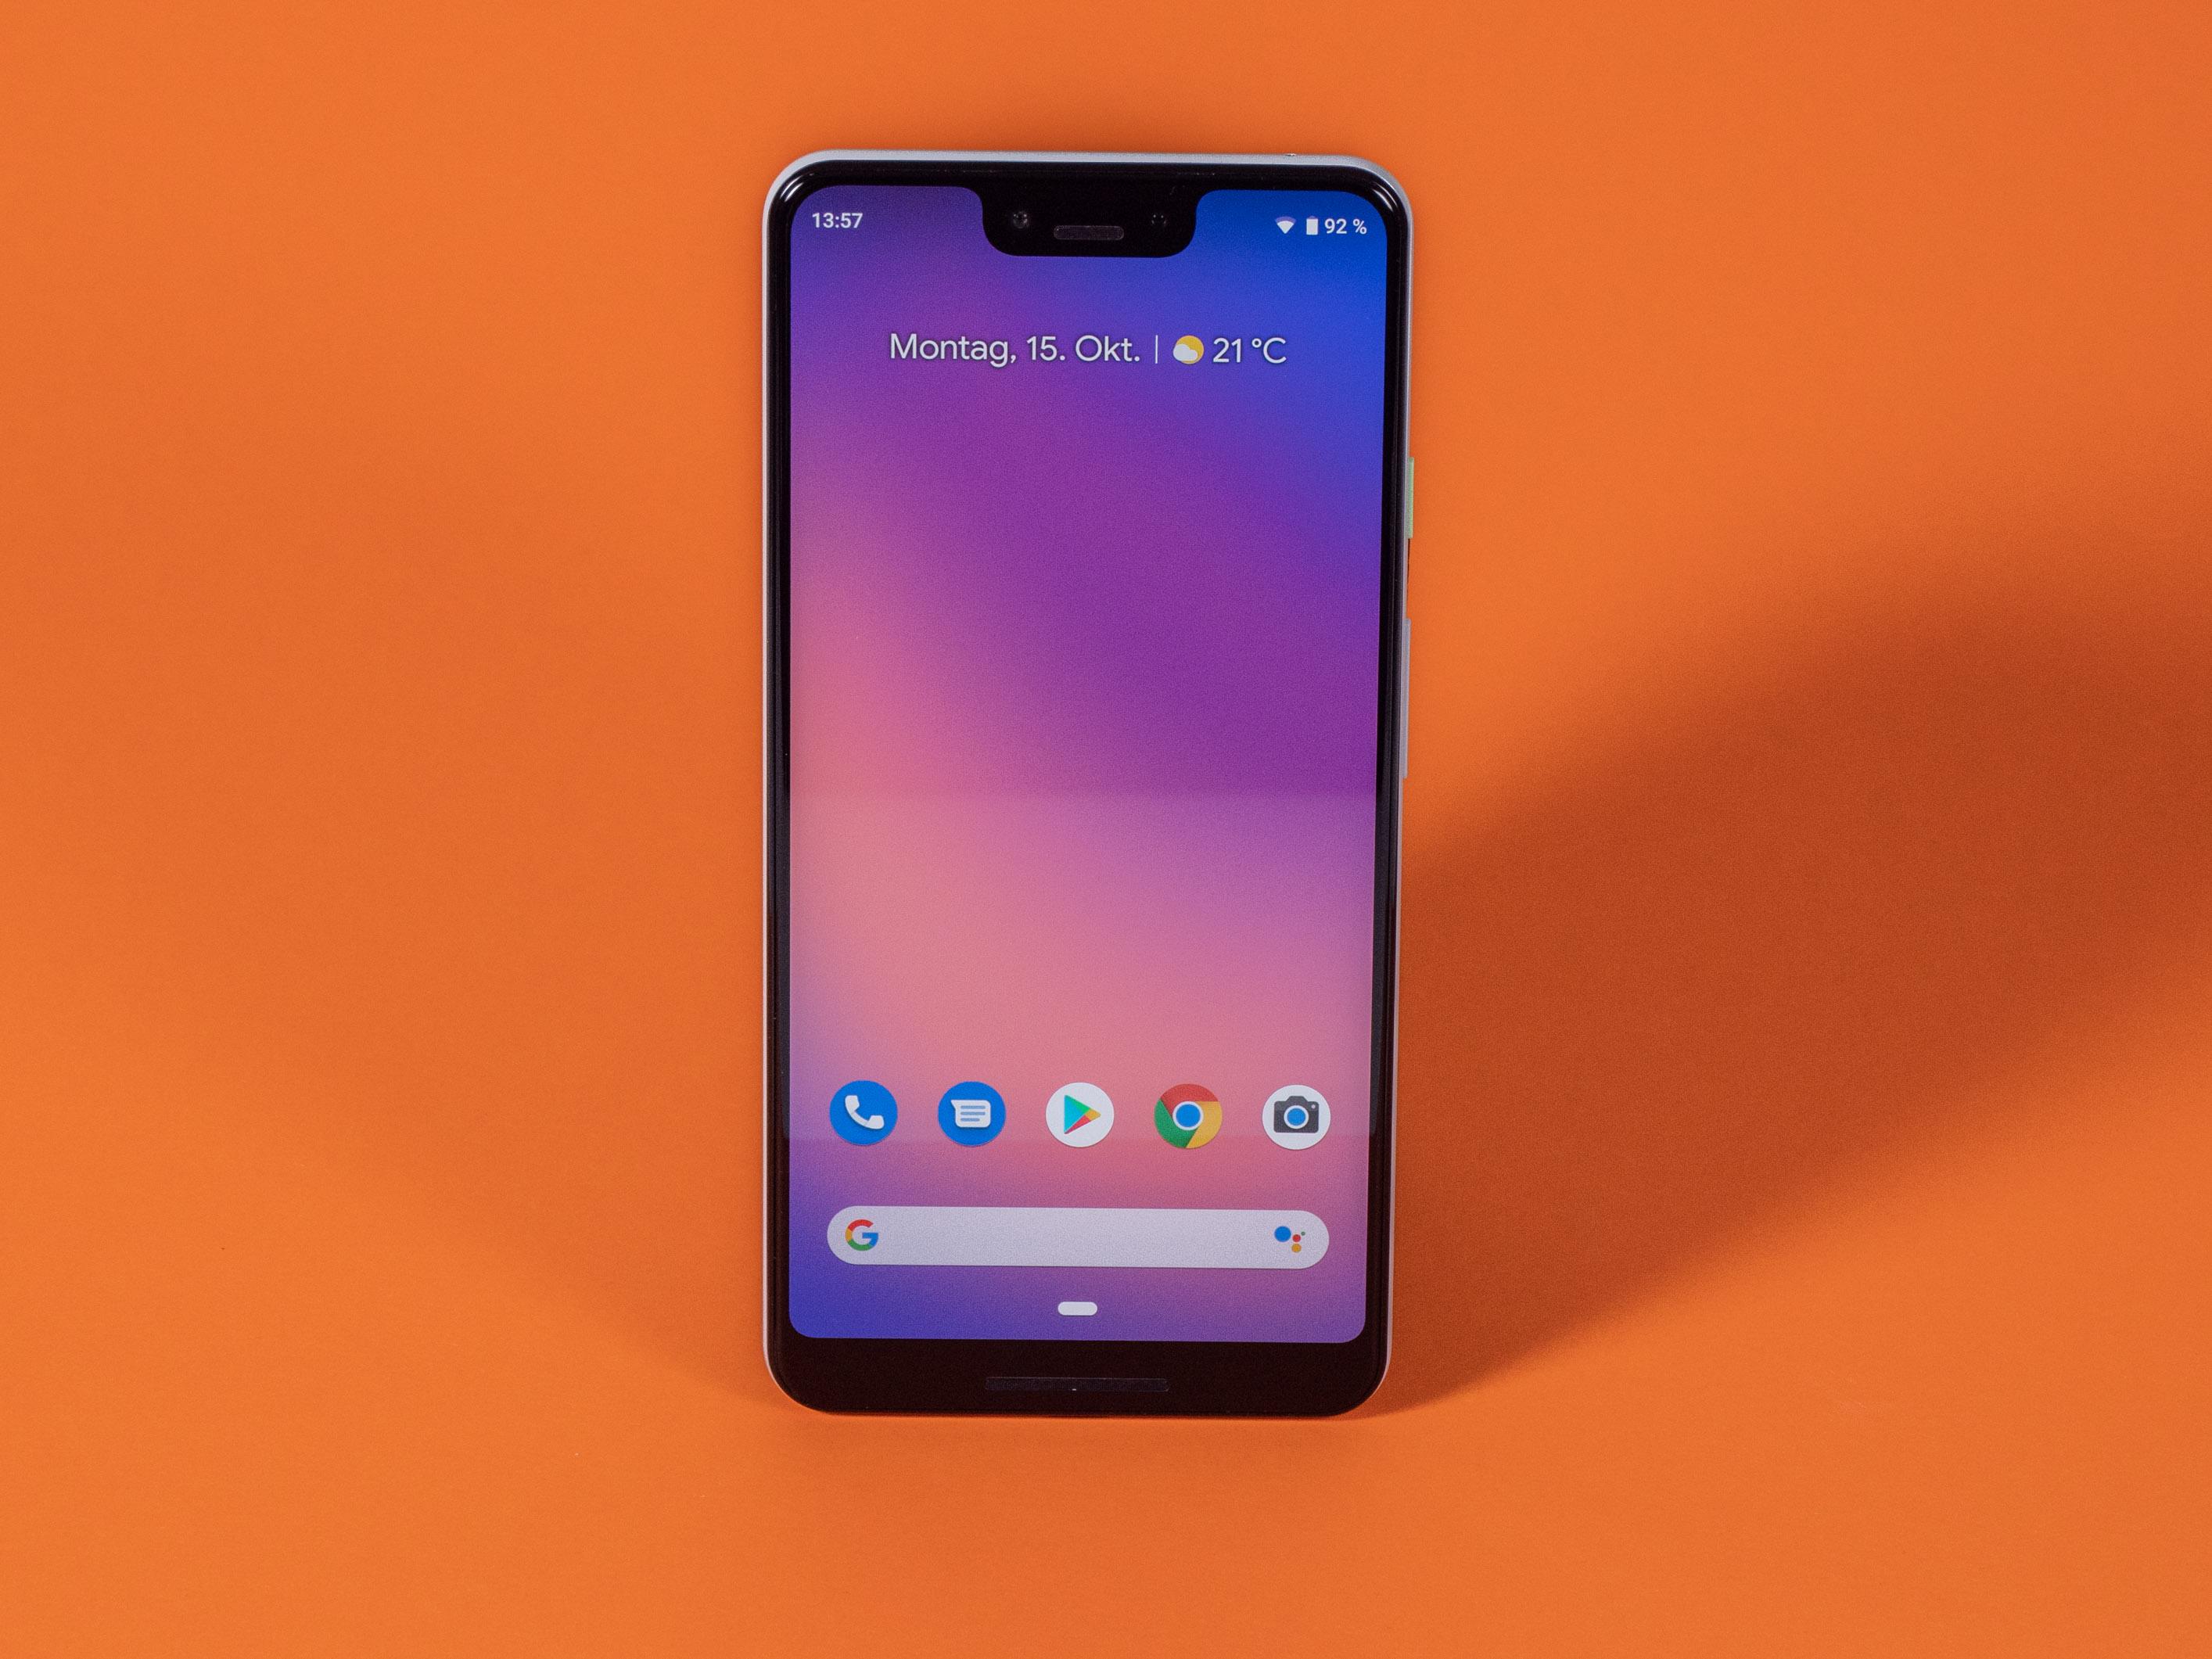 Pixel 3 XL im Test: Algorithmen können nicht alles - Das Pixel 3 XL ist Googles erstes Smartphone mit einer Notch. (Bild: Martin Wolf/Golem.de)